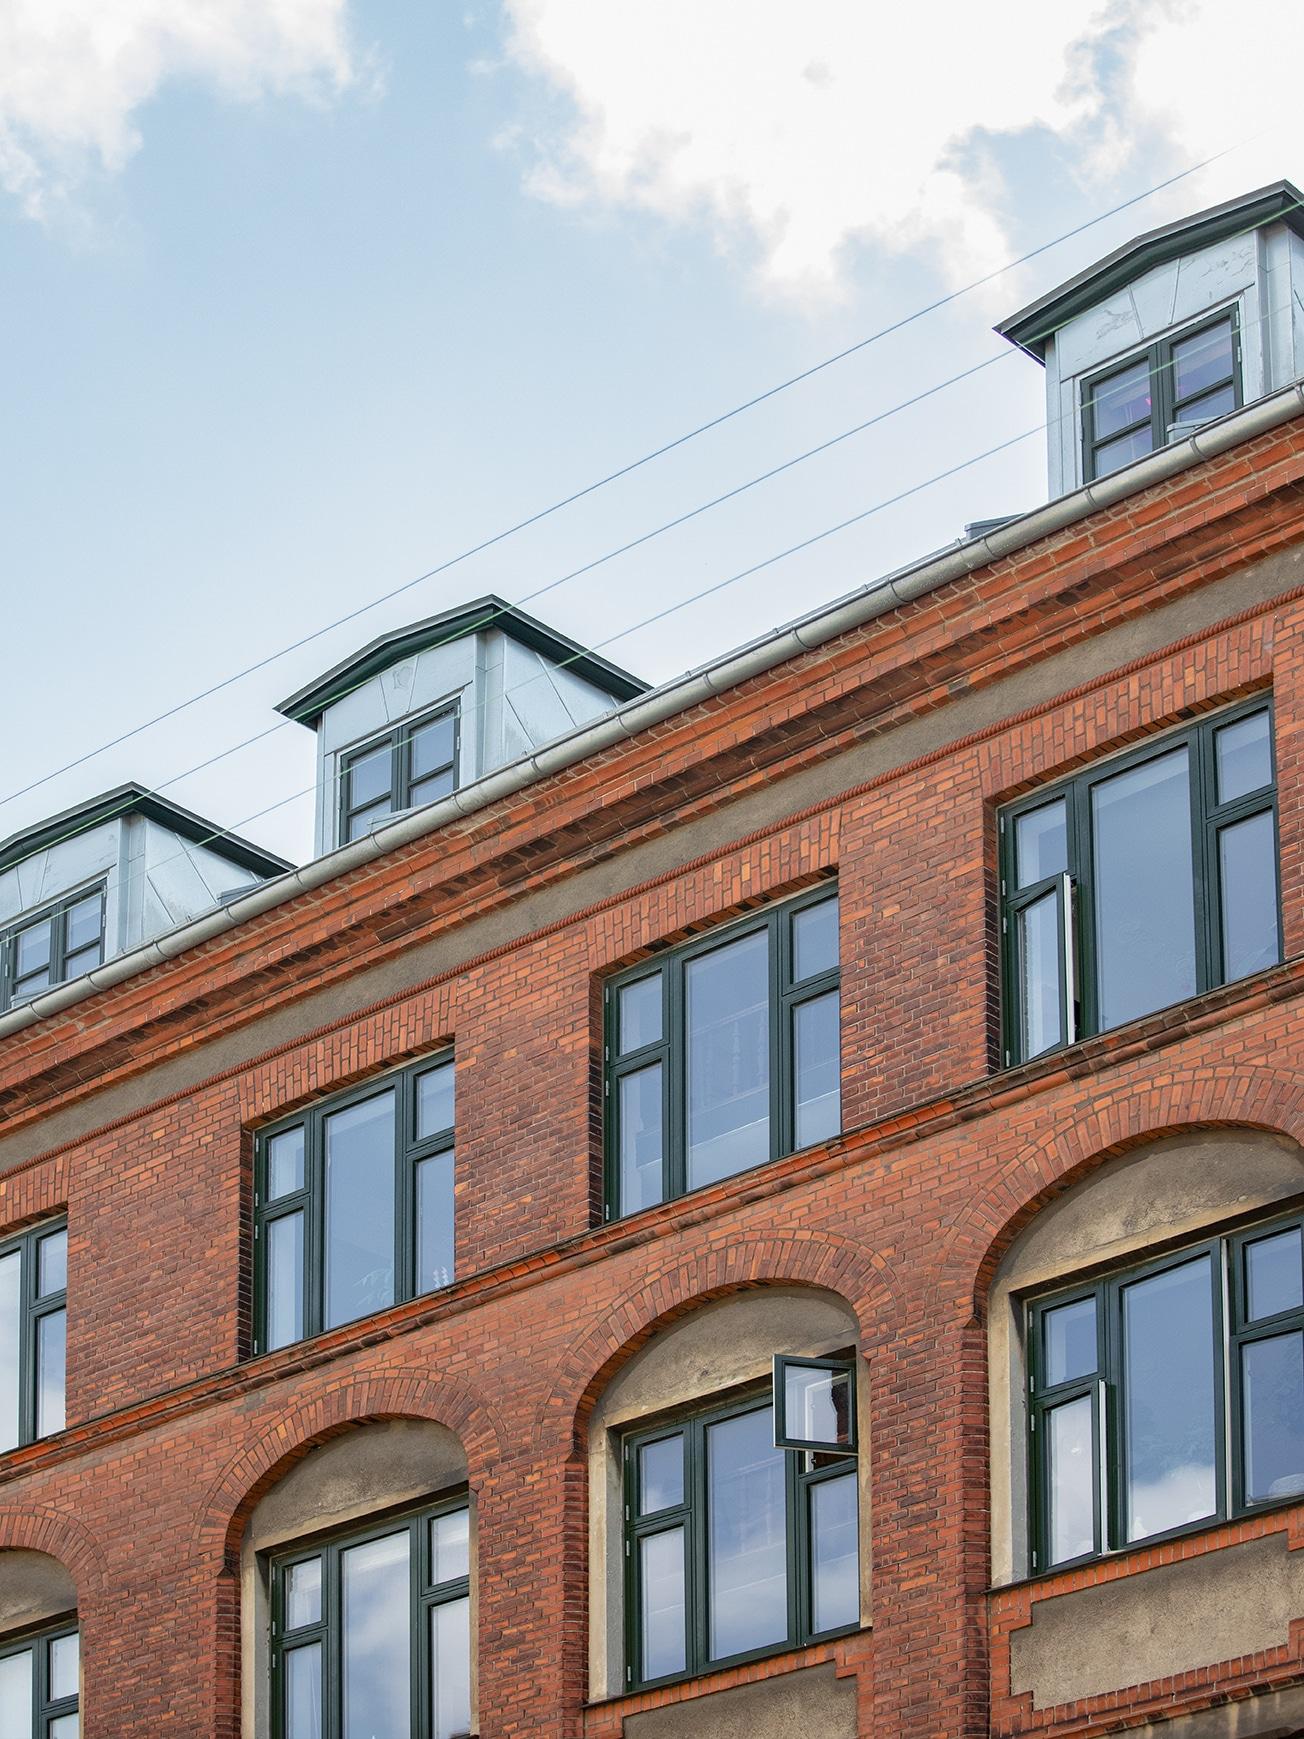 Udvalgt billede til Nørrebrogade 116